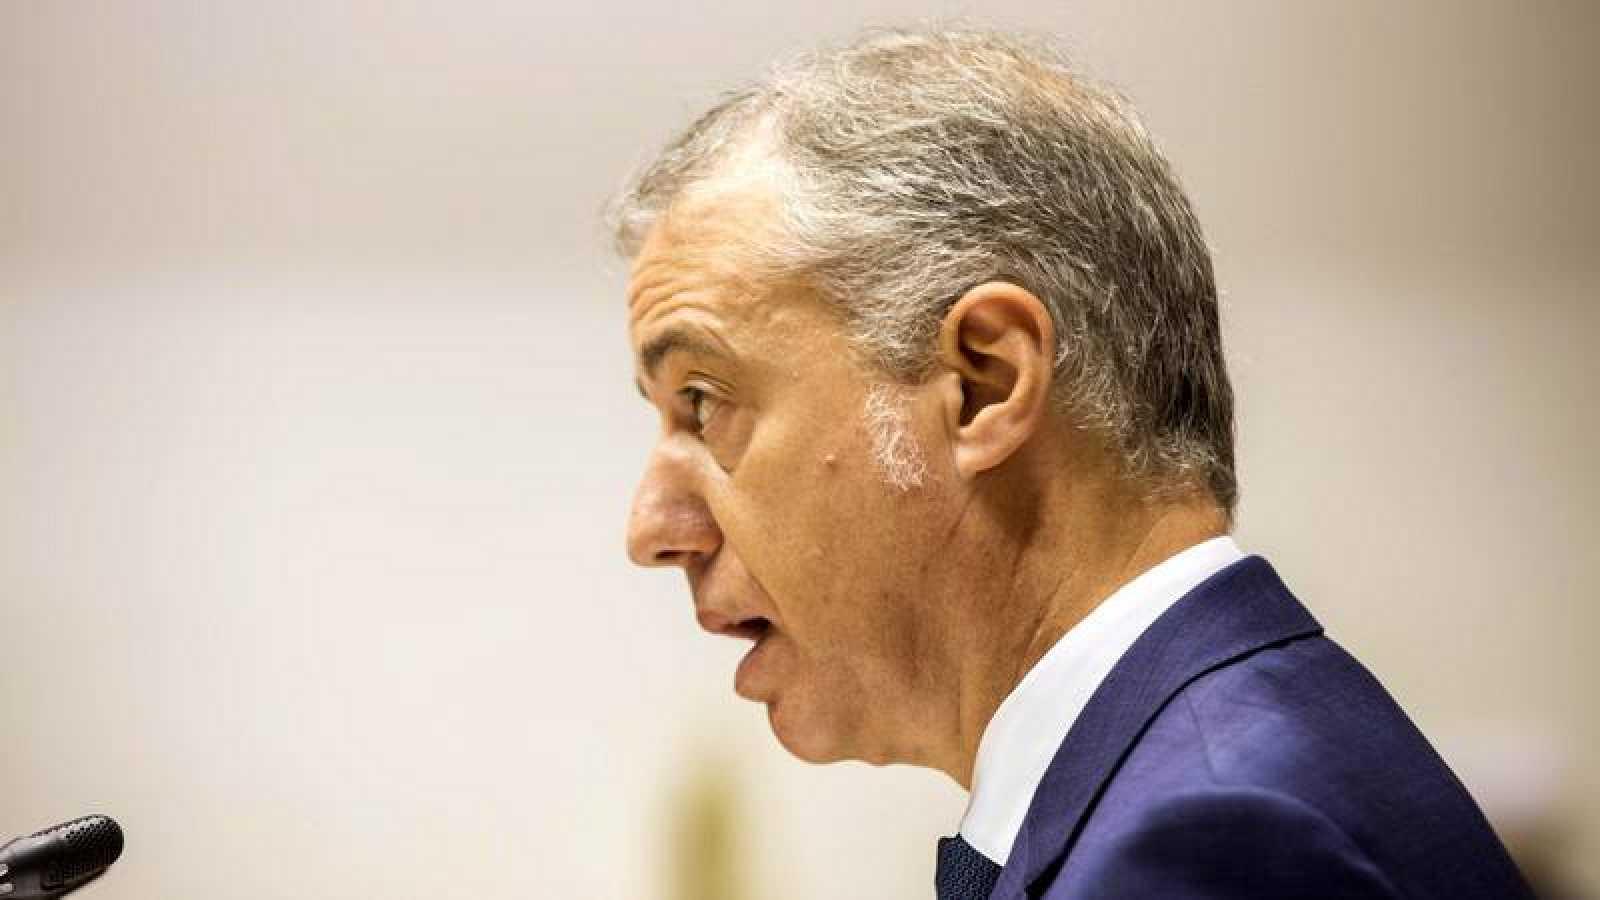 El lehendakari Íñigo Urkullu, durante su discurso en el debate de investidura